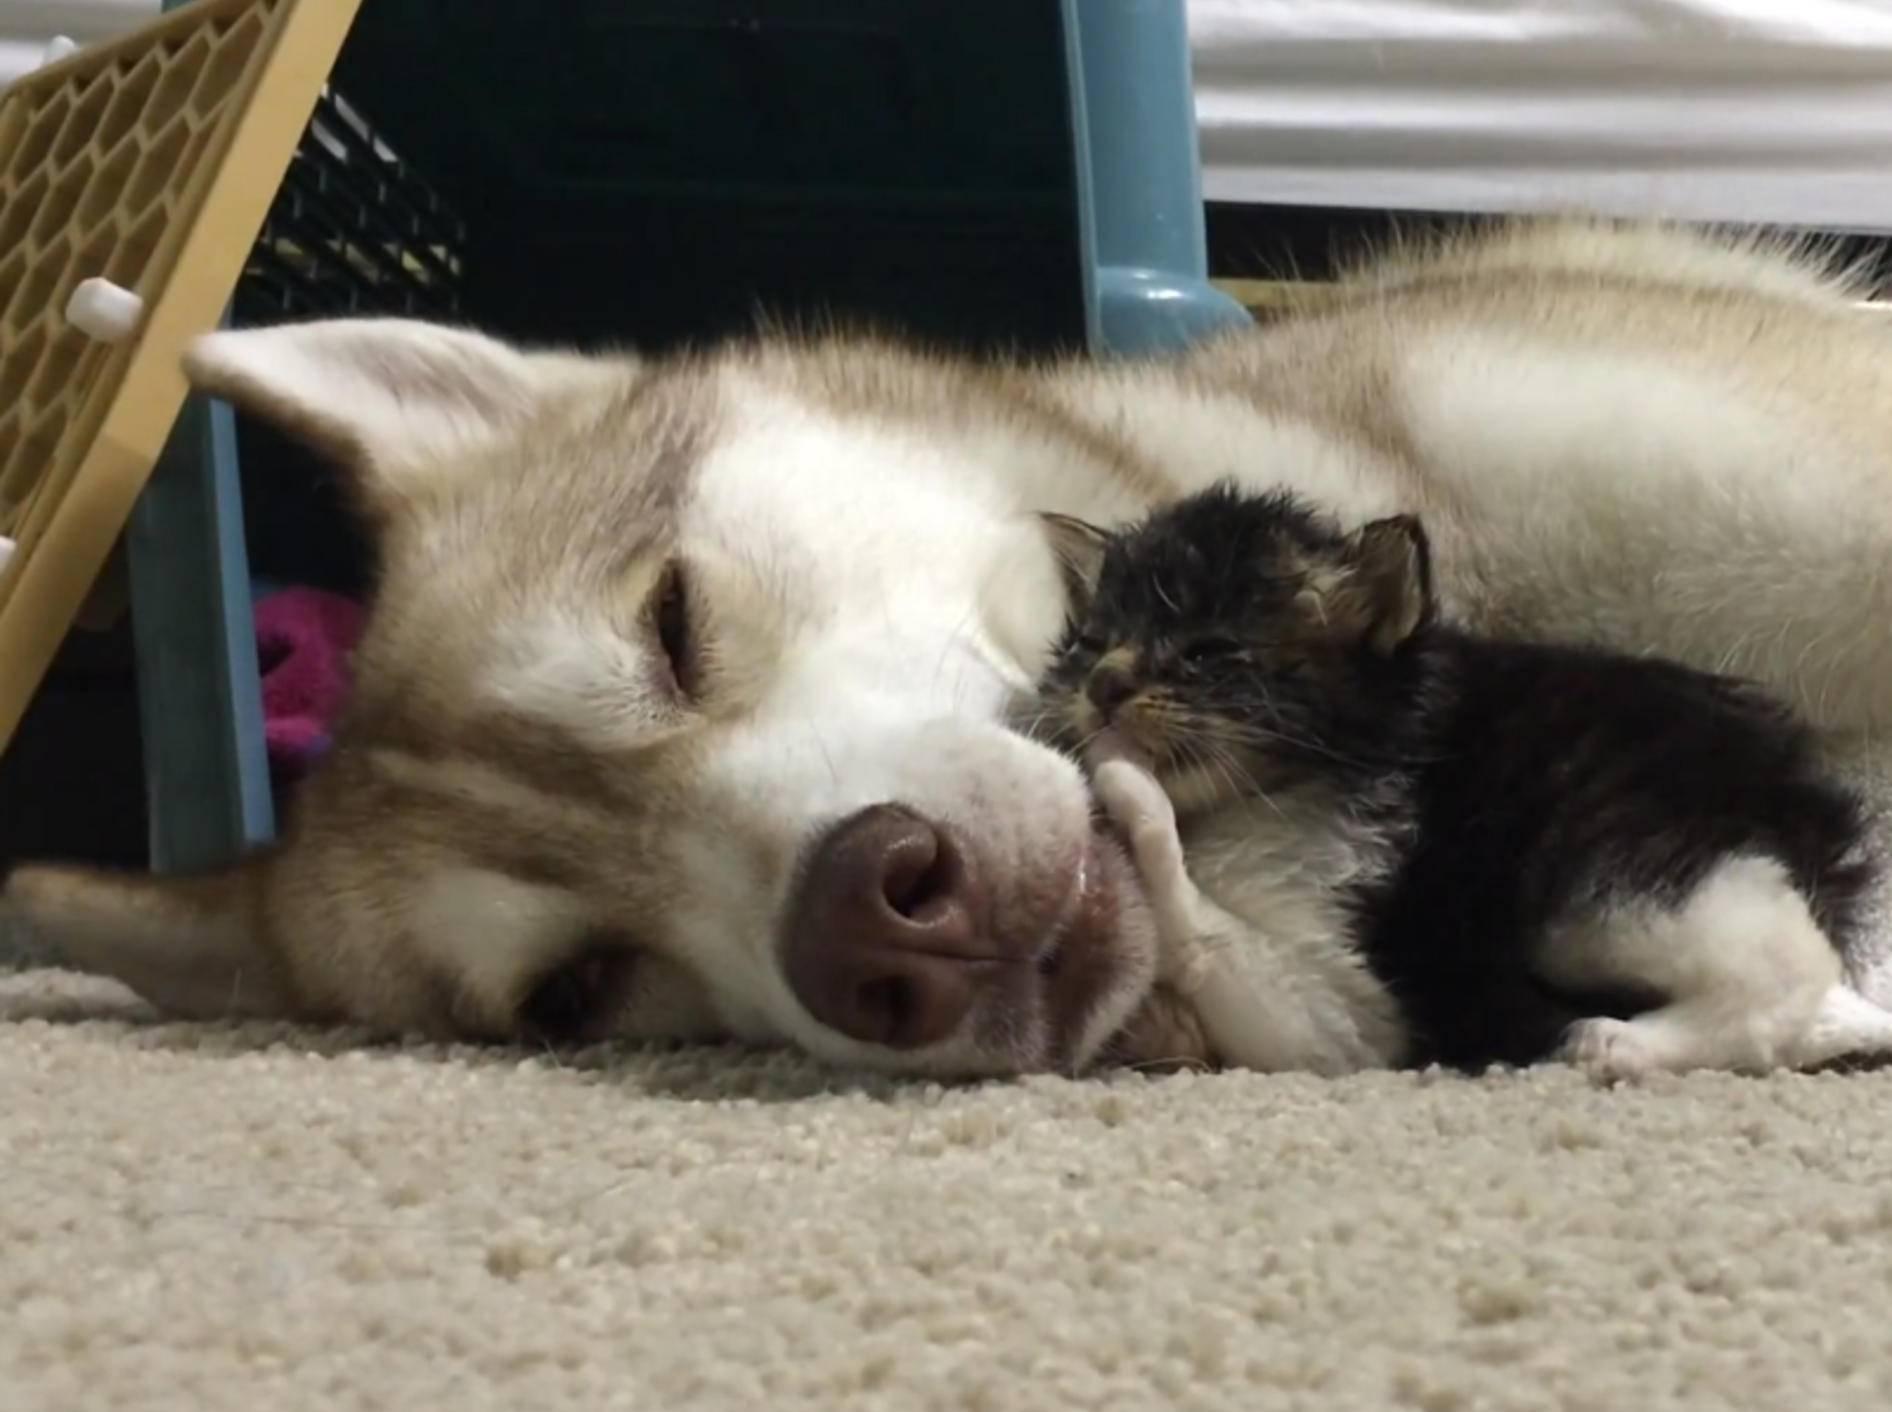 Wahre Freundschaft: Husky Lilo und Baby-Katze Rosie – YouTube / Lilothehusky